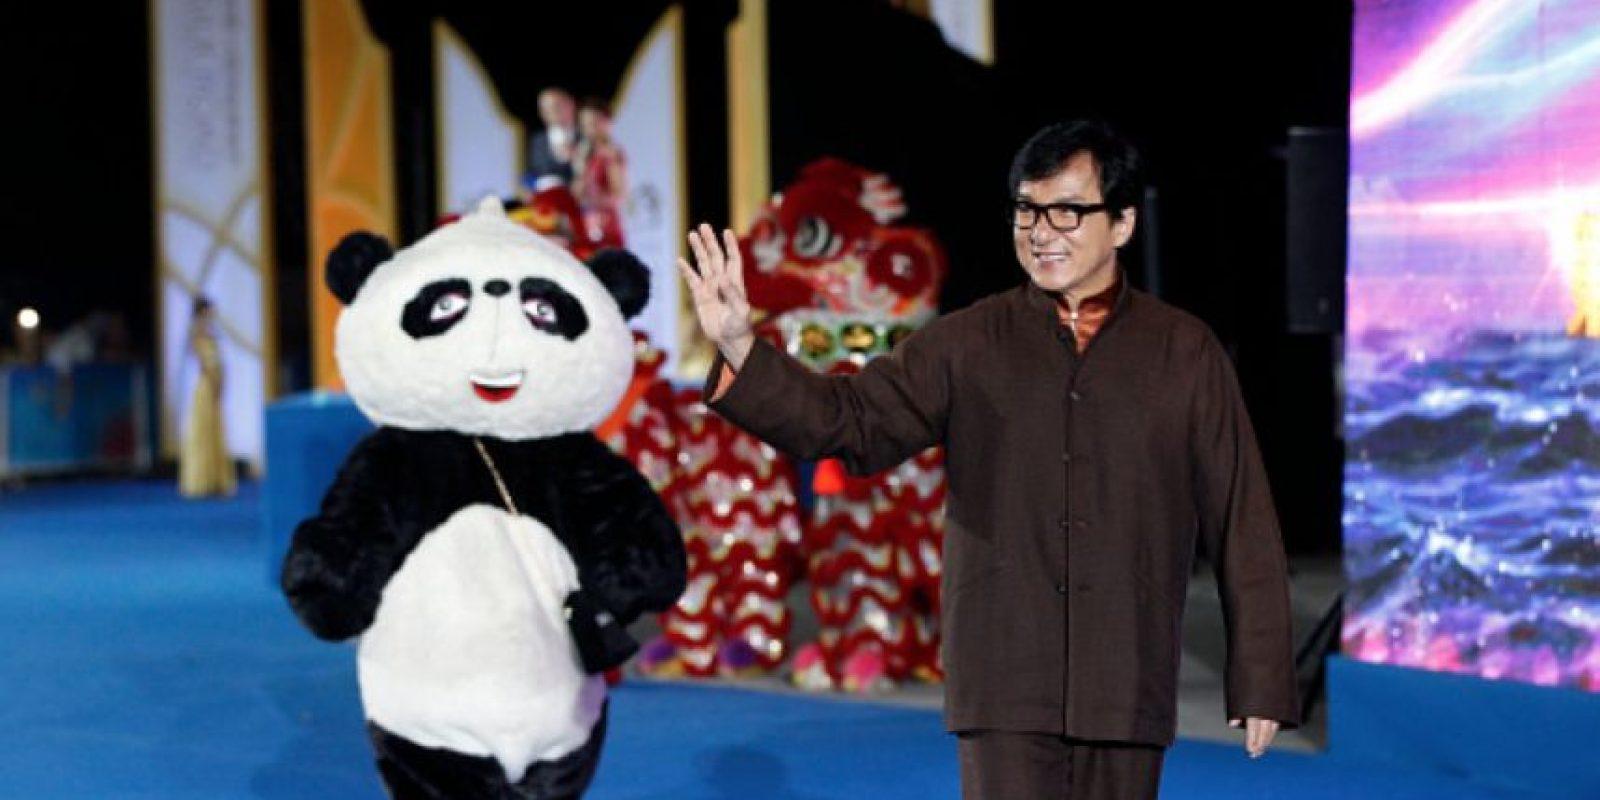 Su hijo fue detenido por un escándalo de drogas. Ahora está en la creación de un grupo de pop asiático, basado en los grupos de pop coreanos y japoneses.